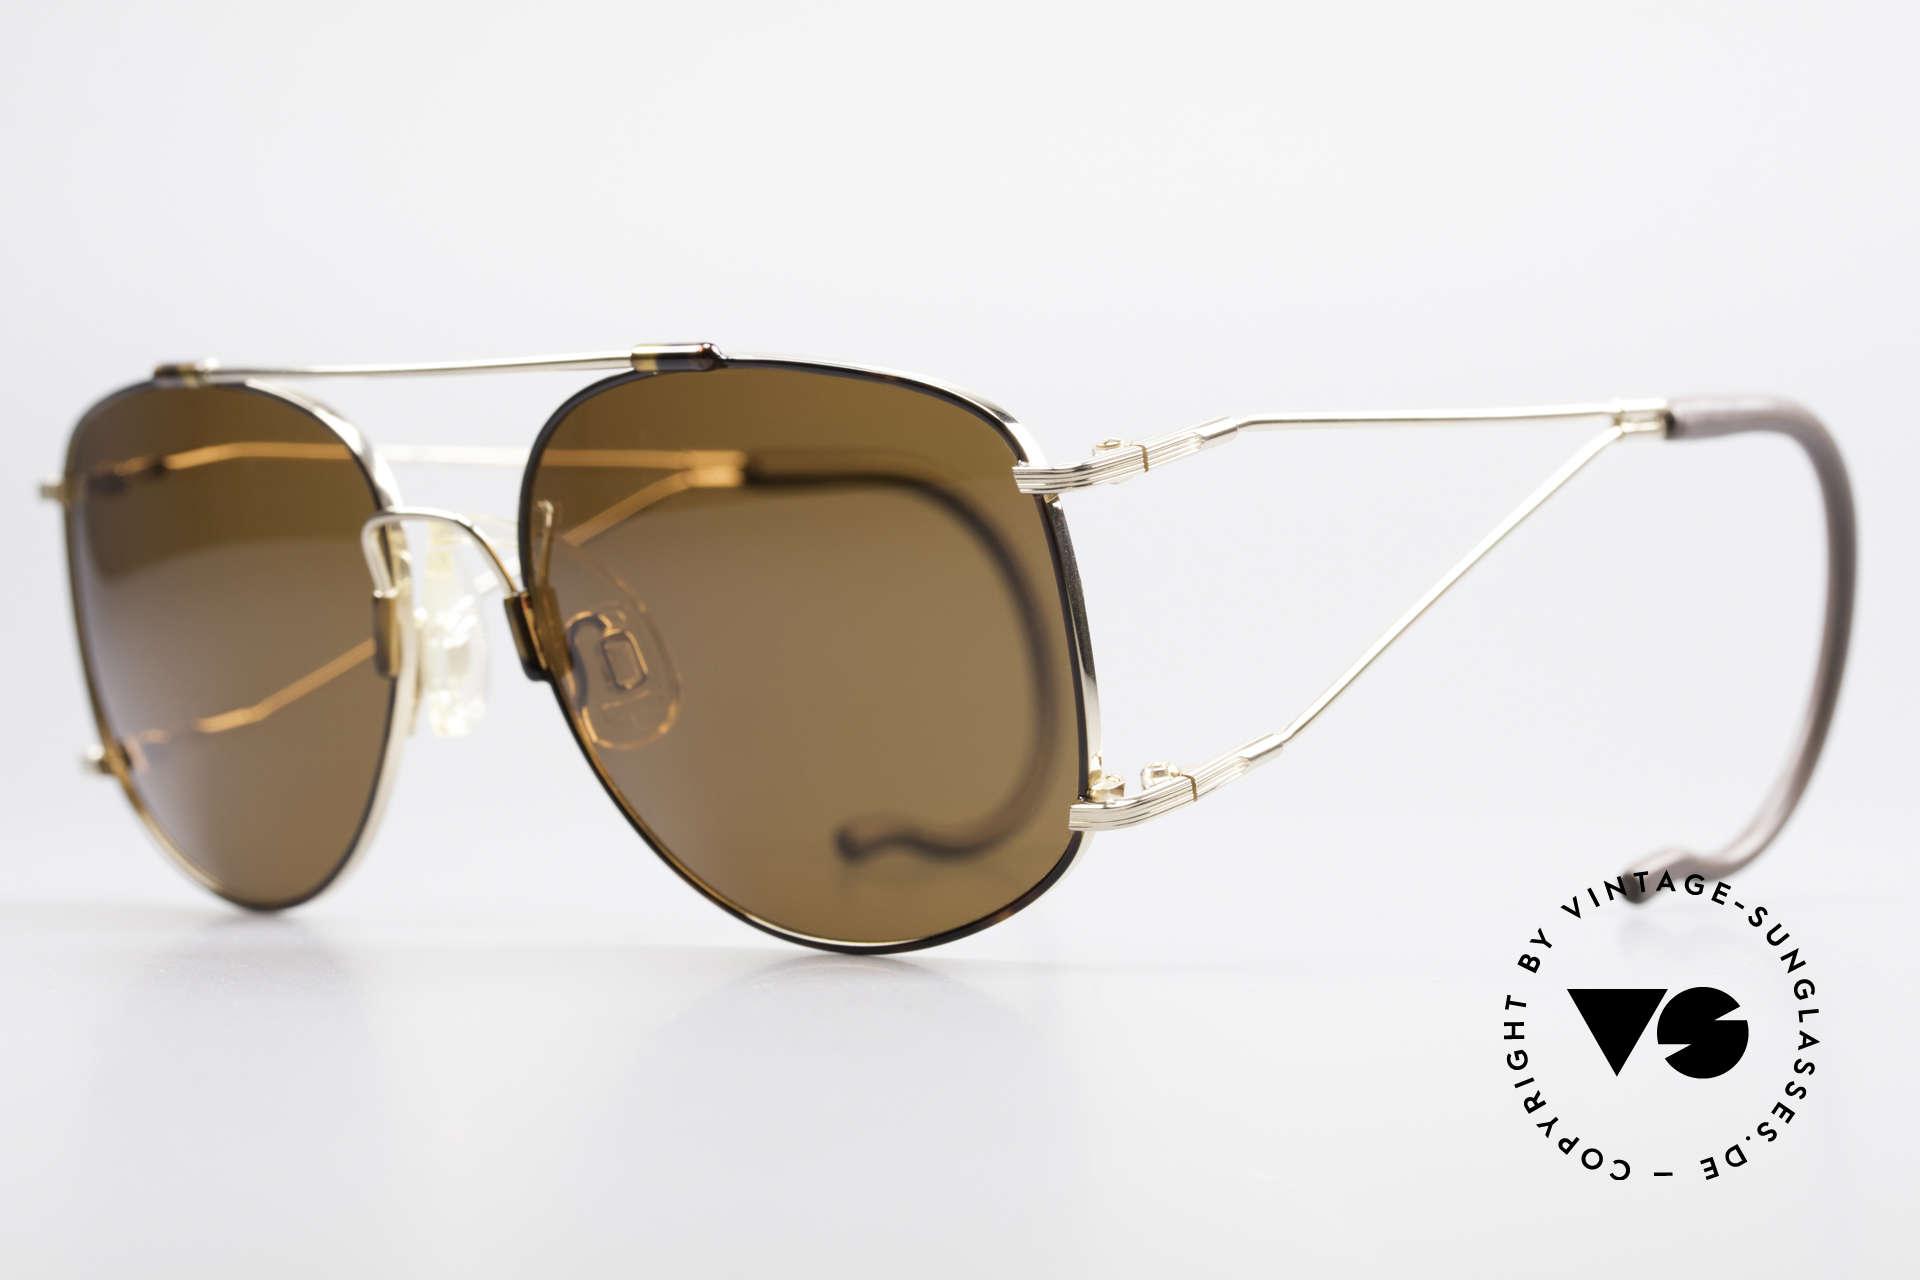 Neostyle Sunsport 1501 Titanflex Vintage Sonnenbrille, TITAN-FLEX ist unglaublich robust und sehr leicht, Passend für Herren